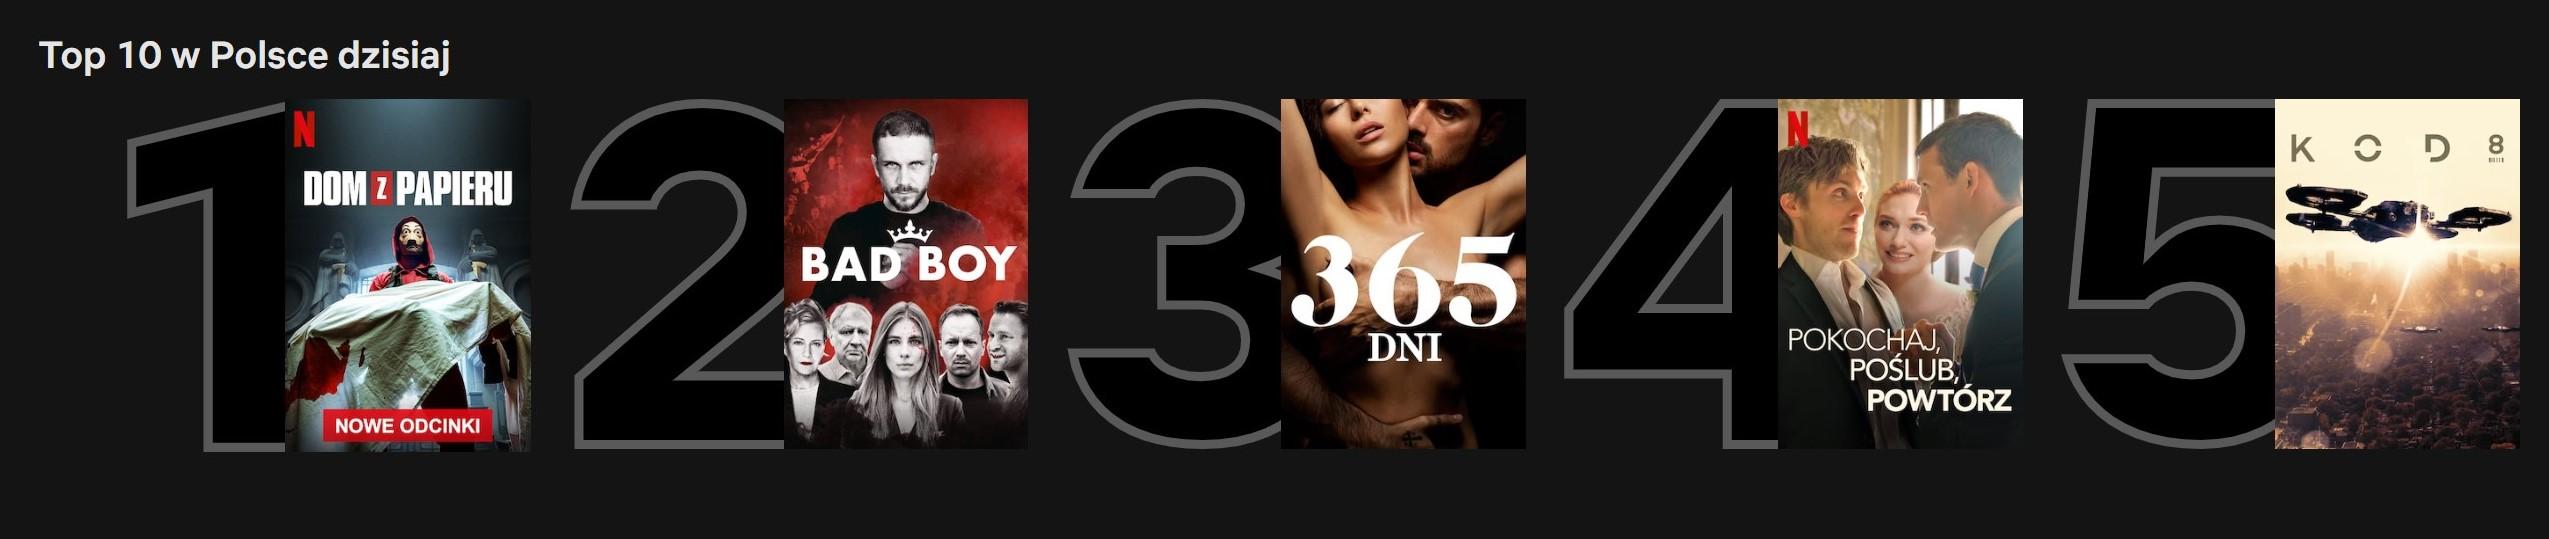 Podczas pandemii koronawirusa, Netflix odnotował znaczny wzrost liczby subskrybentów 19